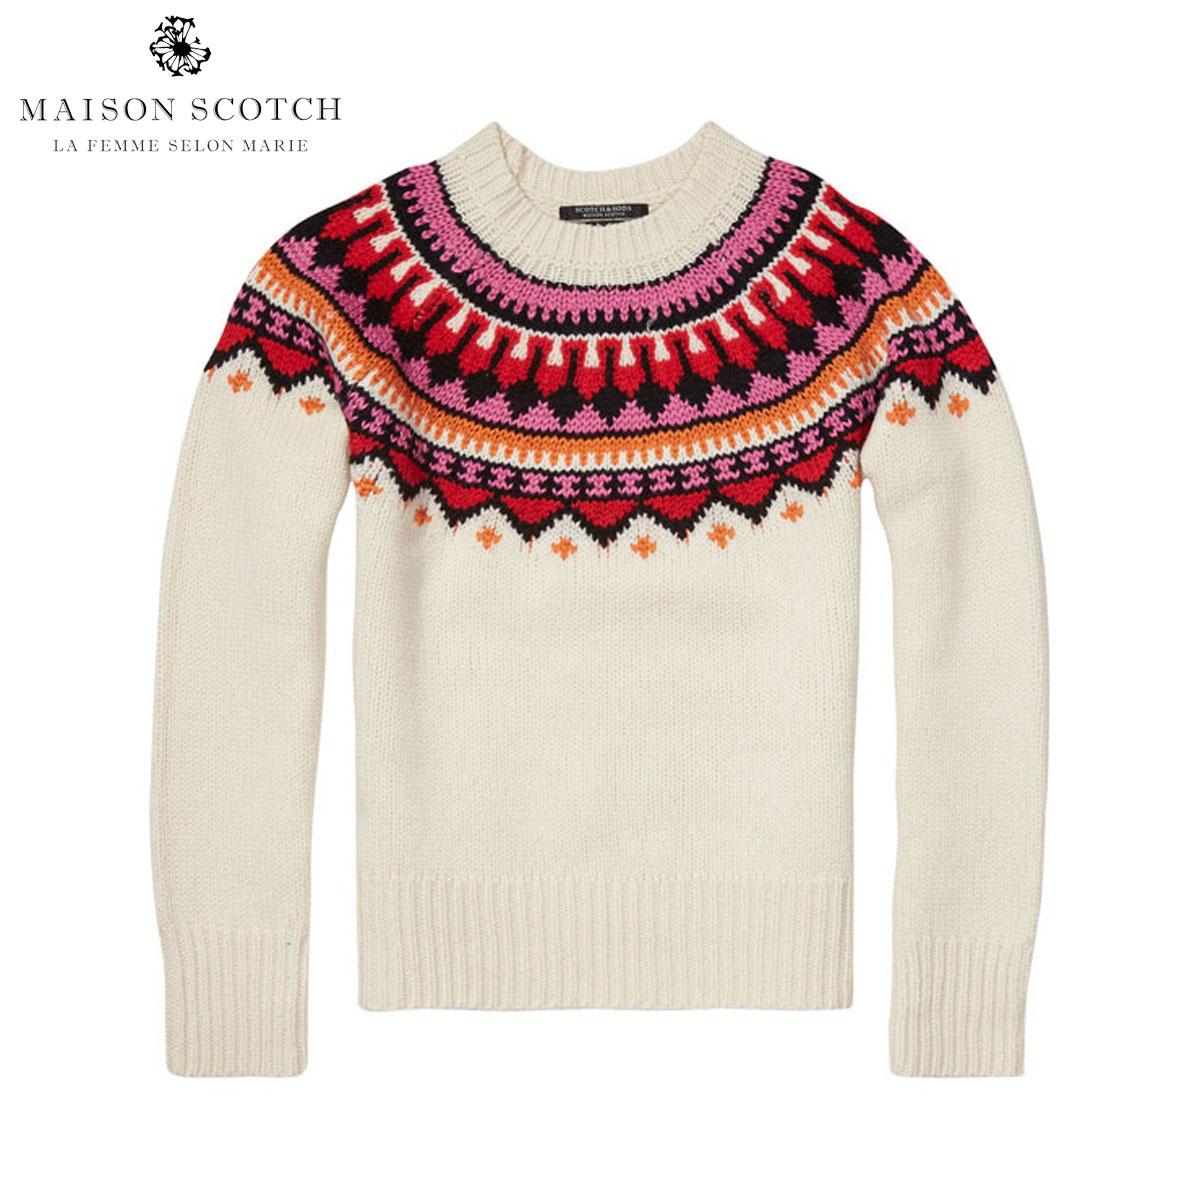 メゾンスコッチ MAISON SCOTCH 正規販売店 レディース セーター Soft chunky jacquard knit with pop colours 102234 17 D00S20